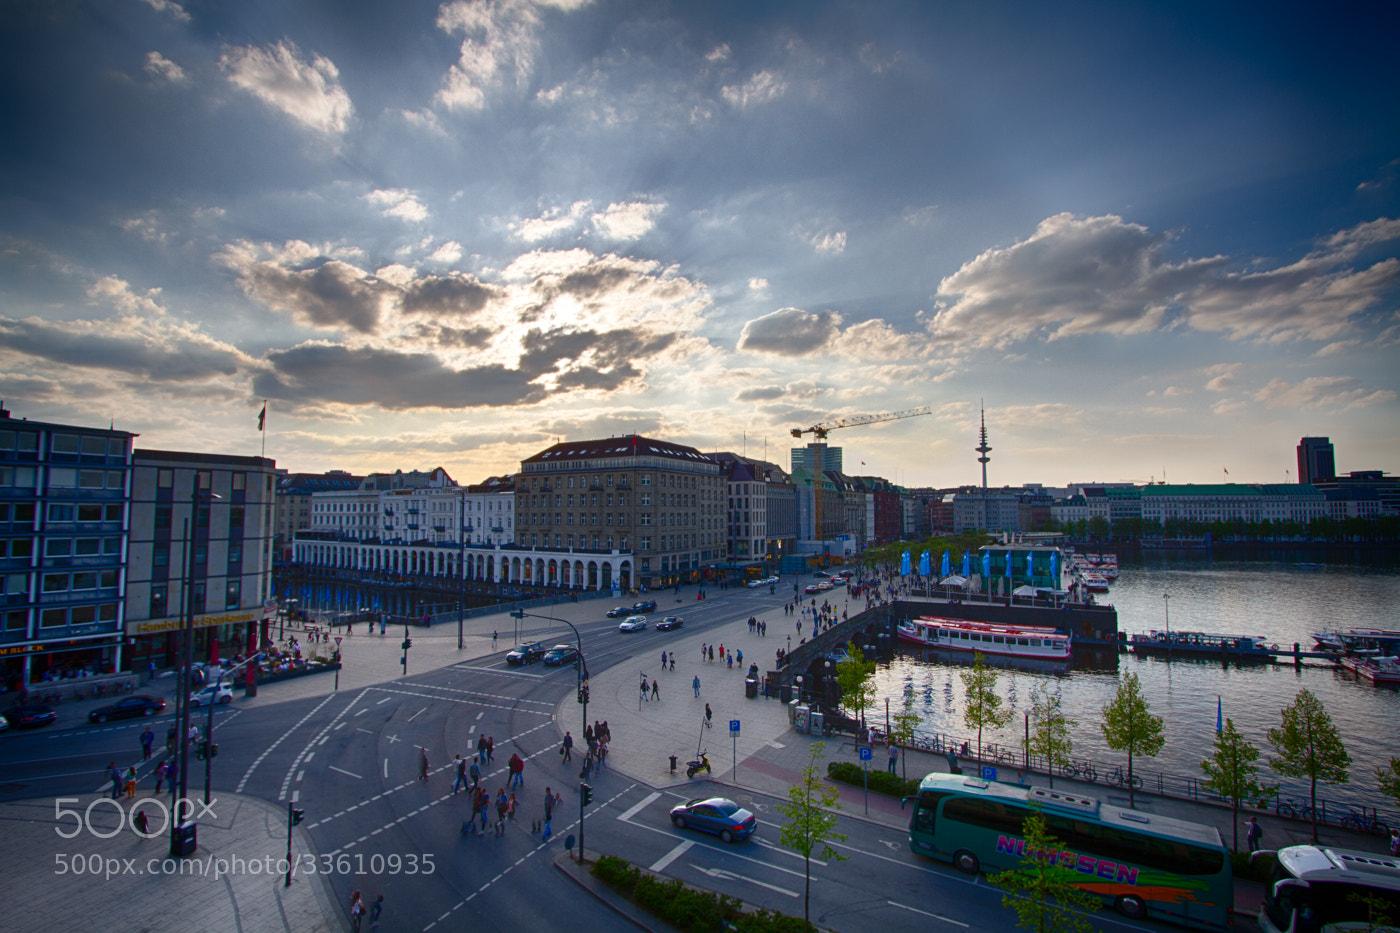 Photograph Sunset at Jungfernstieg Hamburg by Hans Fischer on 500px